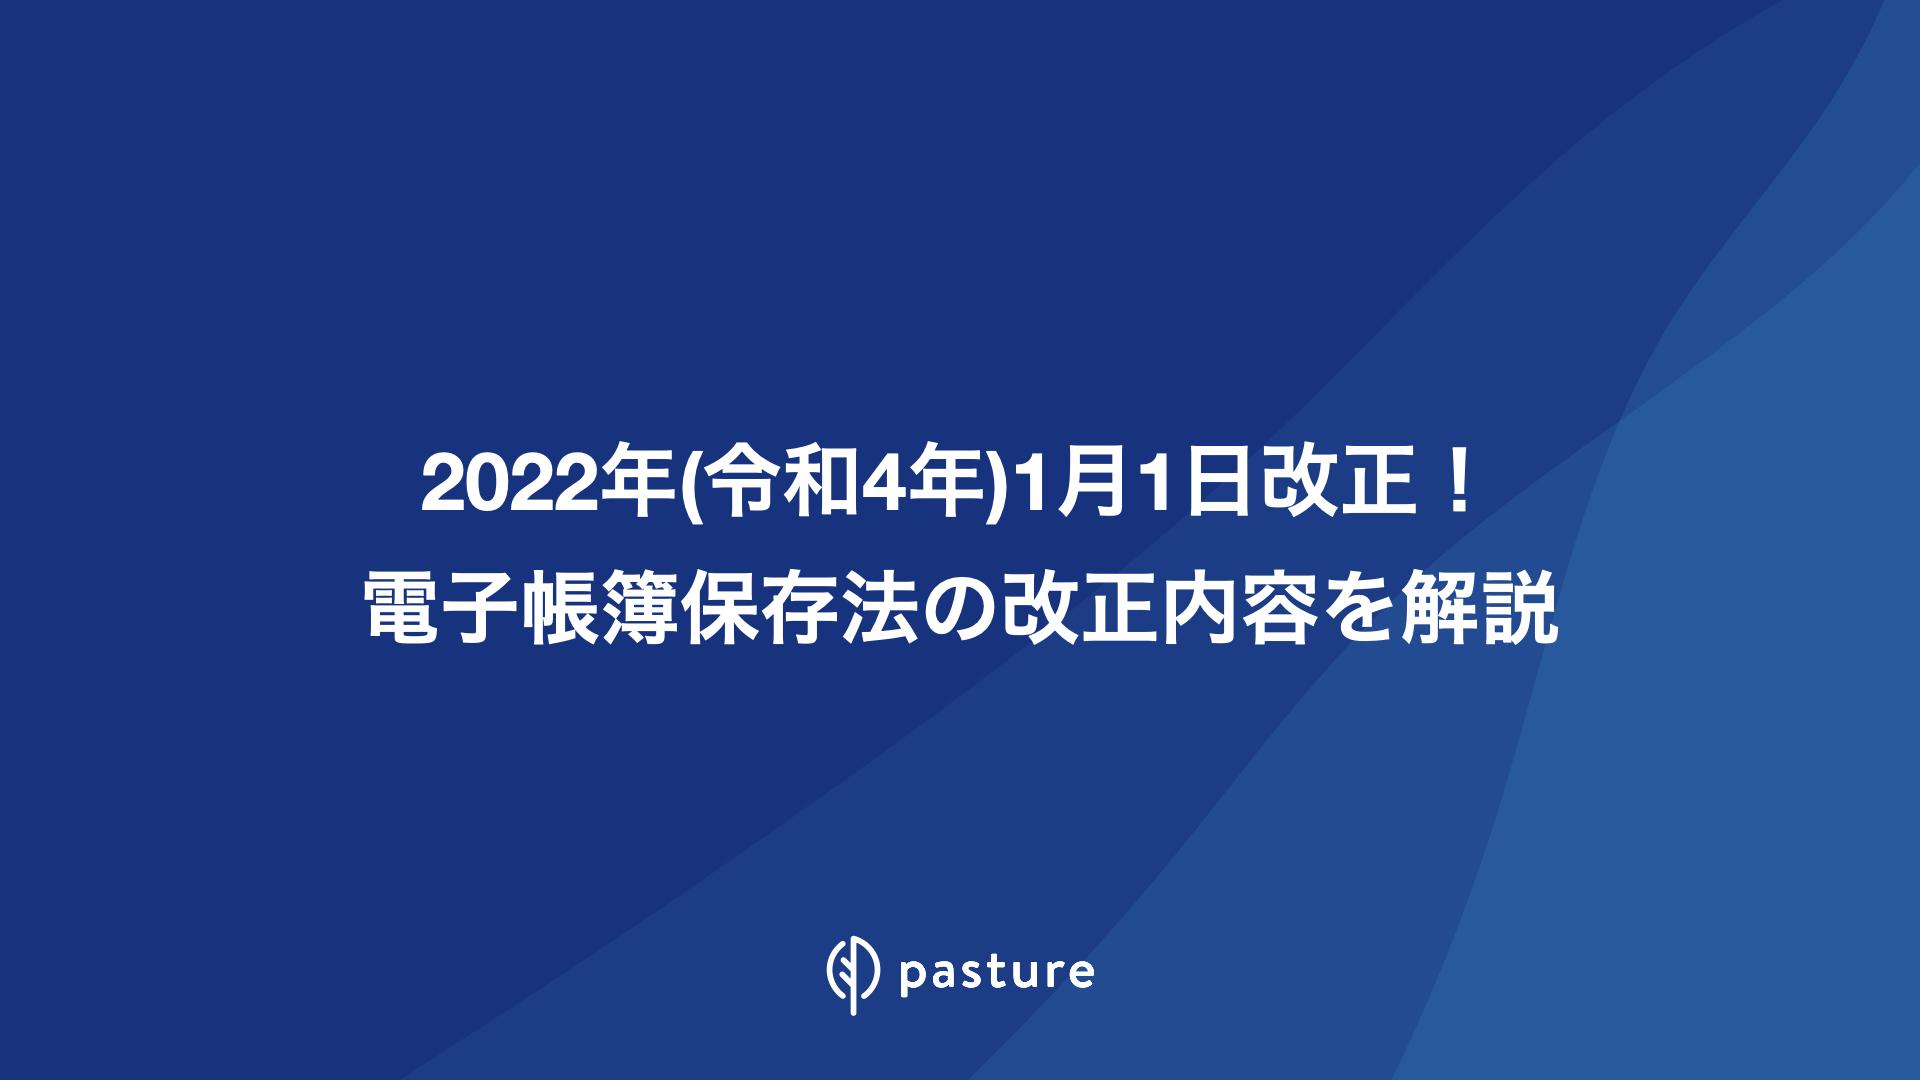 2022年改正電子帳簿保存法